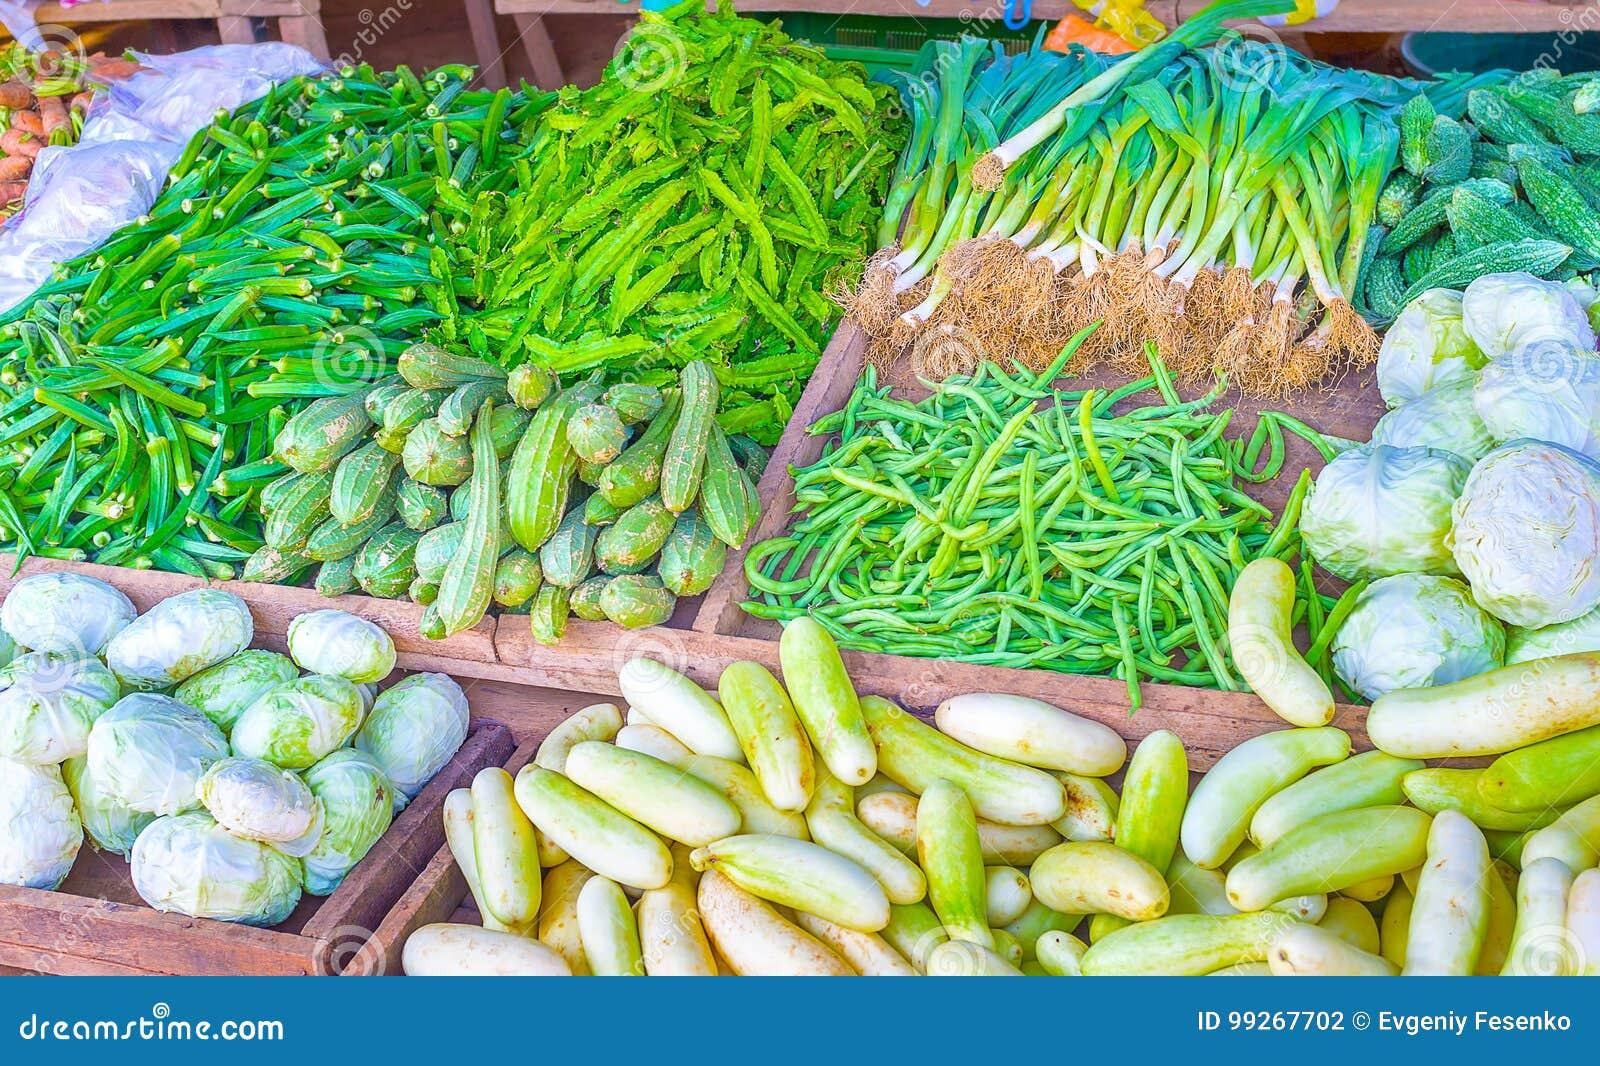 цена, овощи шри ланки фото и названия из-за яркой